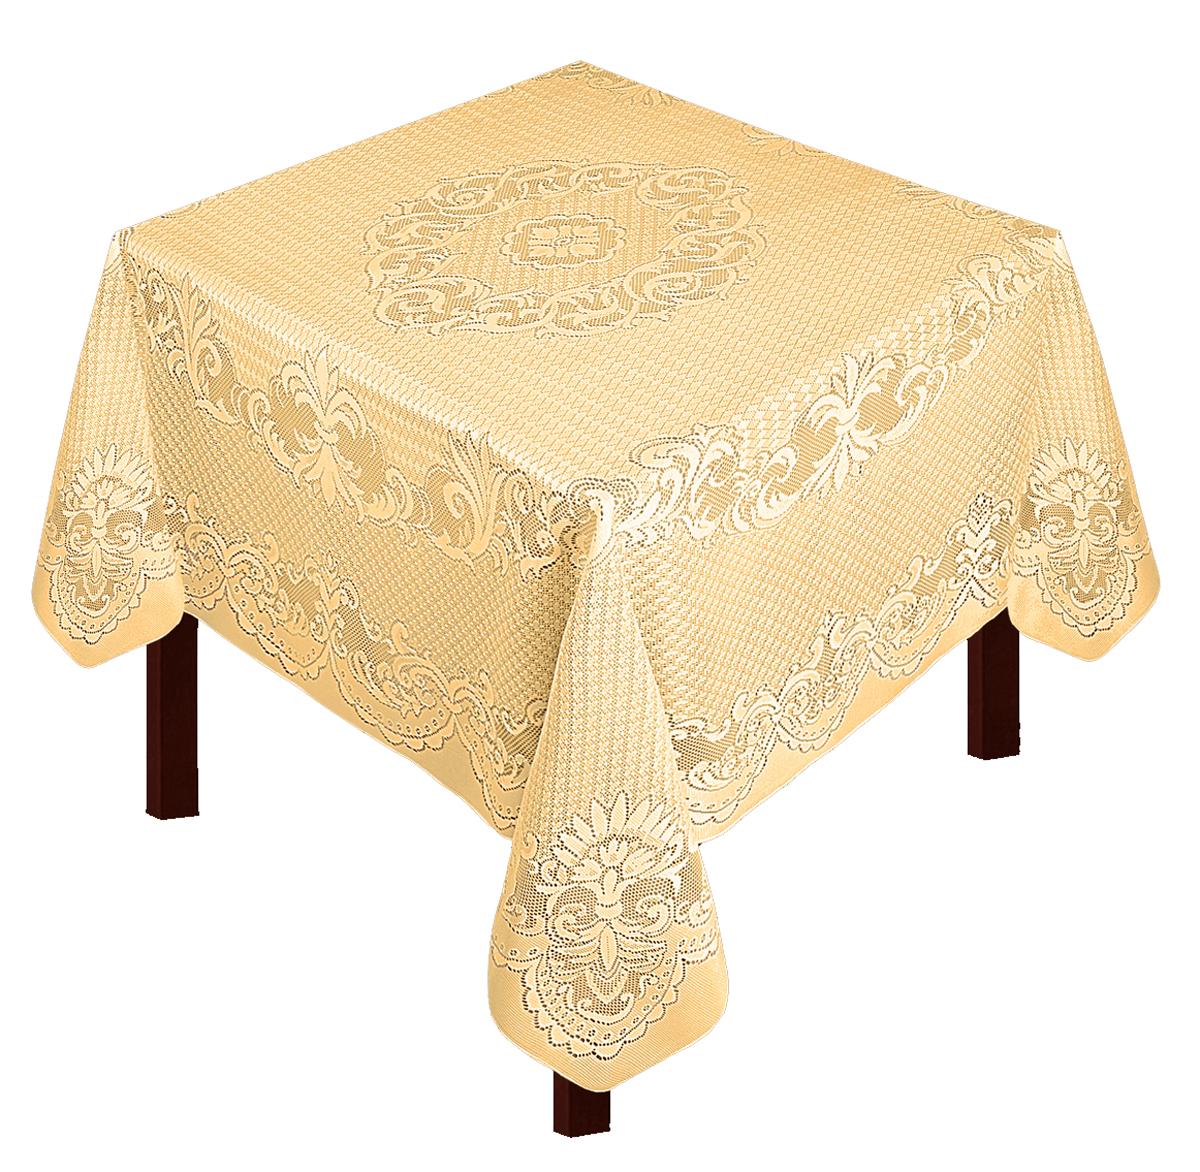 Скатерть Zlata Korunka, прямоугольная, цвет: золотистый, 175 х 165 см80028Скатерть выполнена из полиэстера жаккардового переплетения, не скользит со стола, легко стирается и прослужит Вам долгое время. Скатерть - длина 165 х шир.150